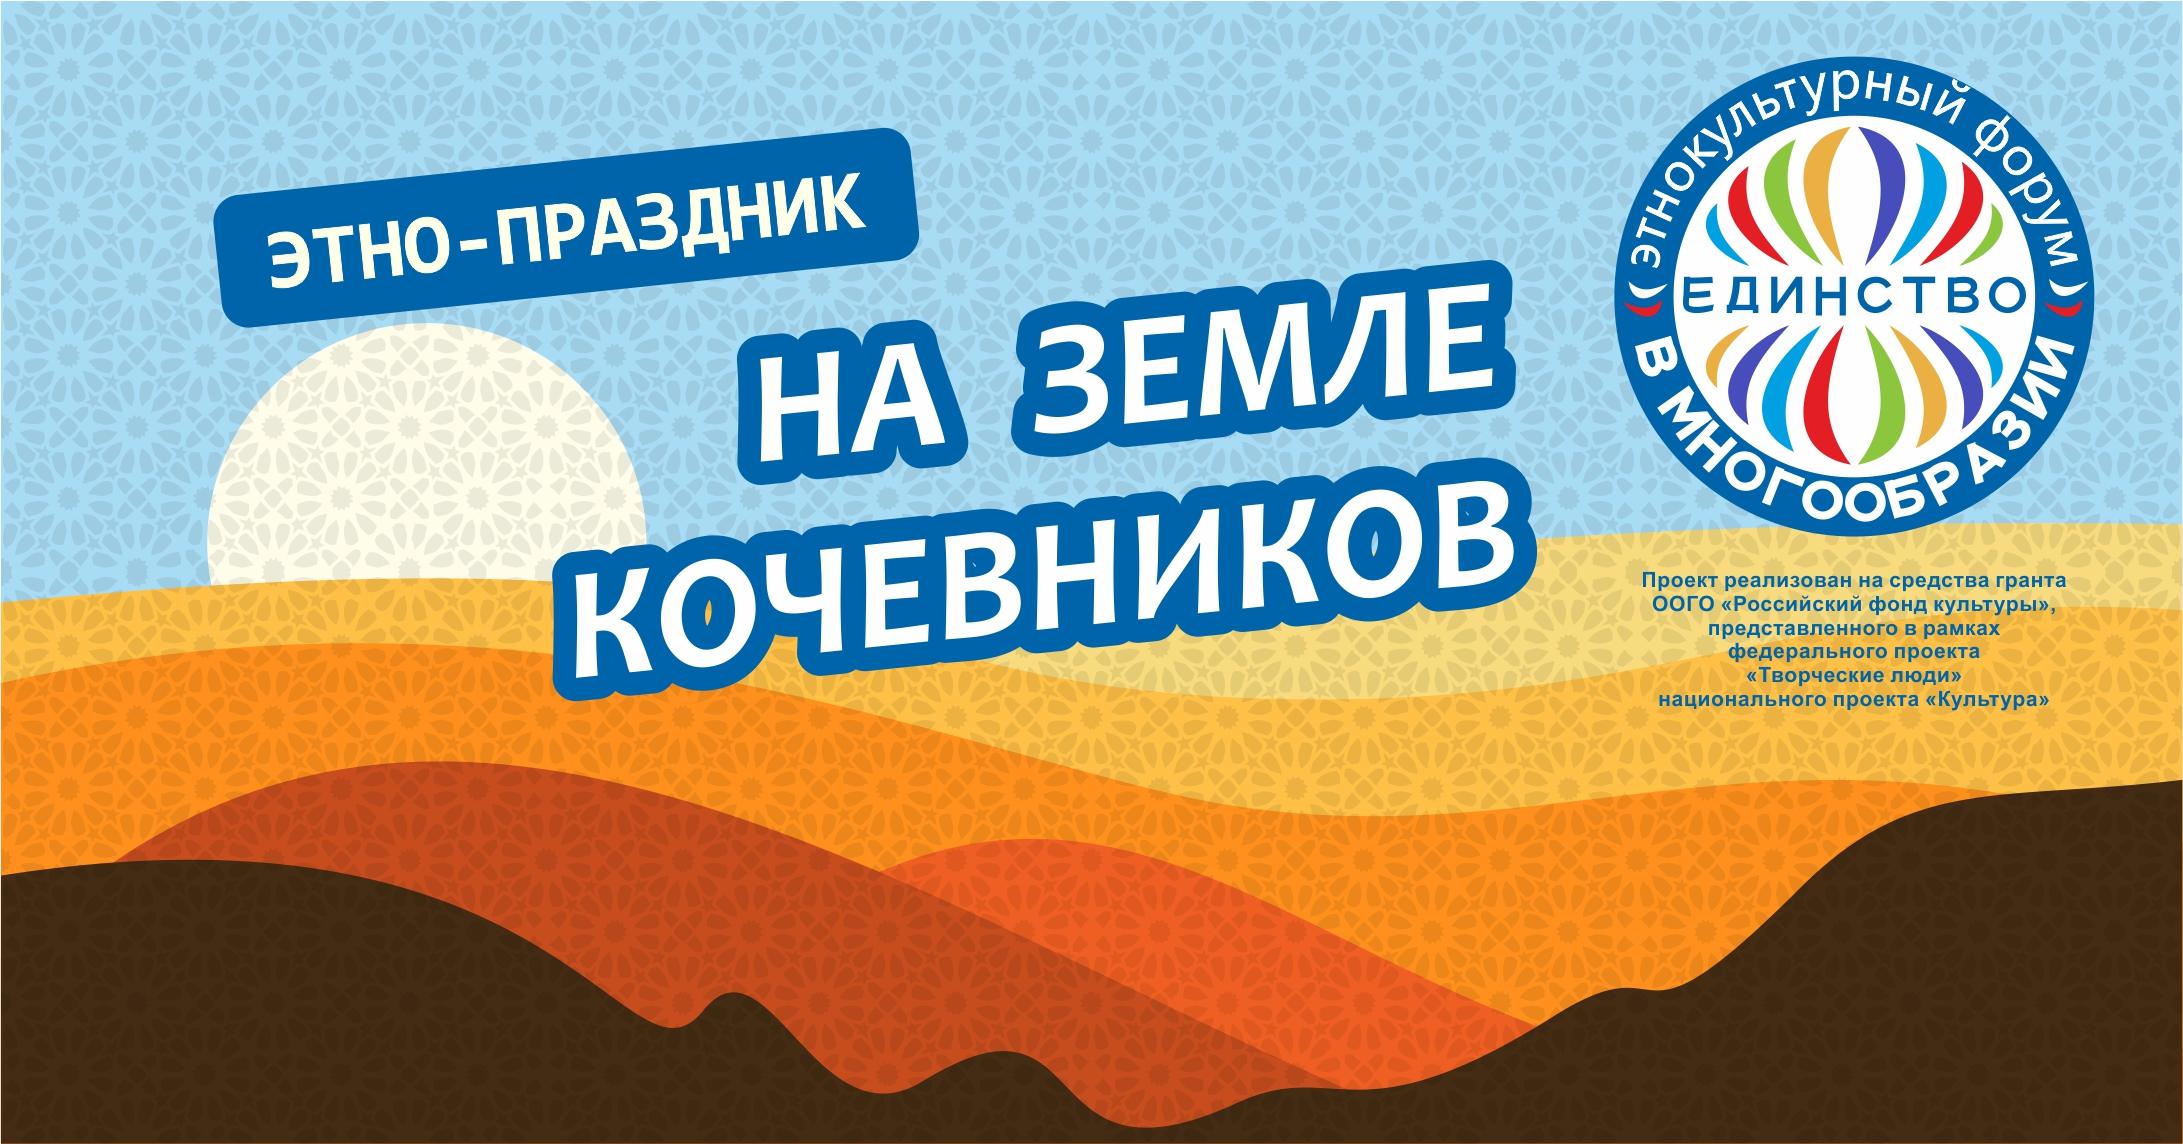 Этно-праздник «На земле кочевников» вошел в число победителей национальной премии «События России» 2020